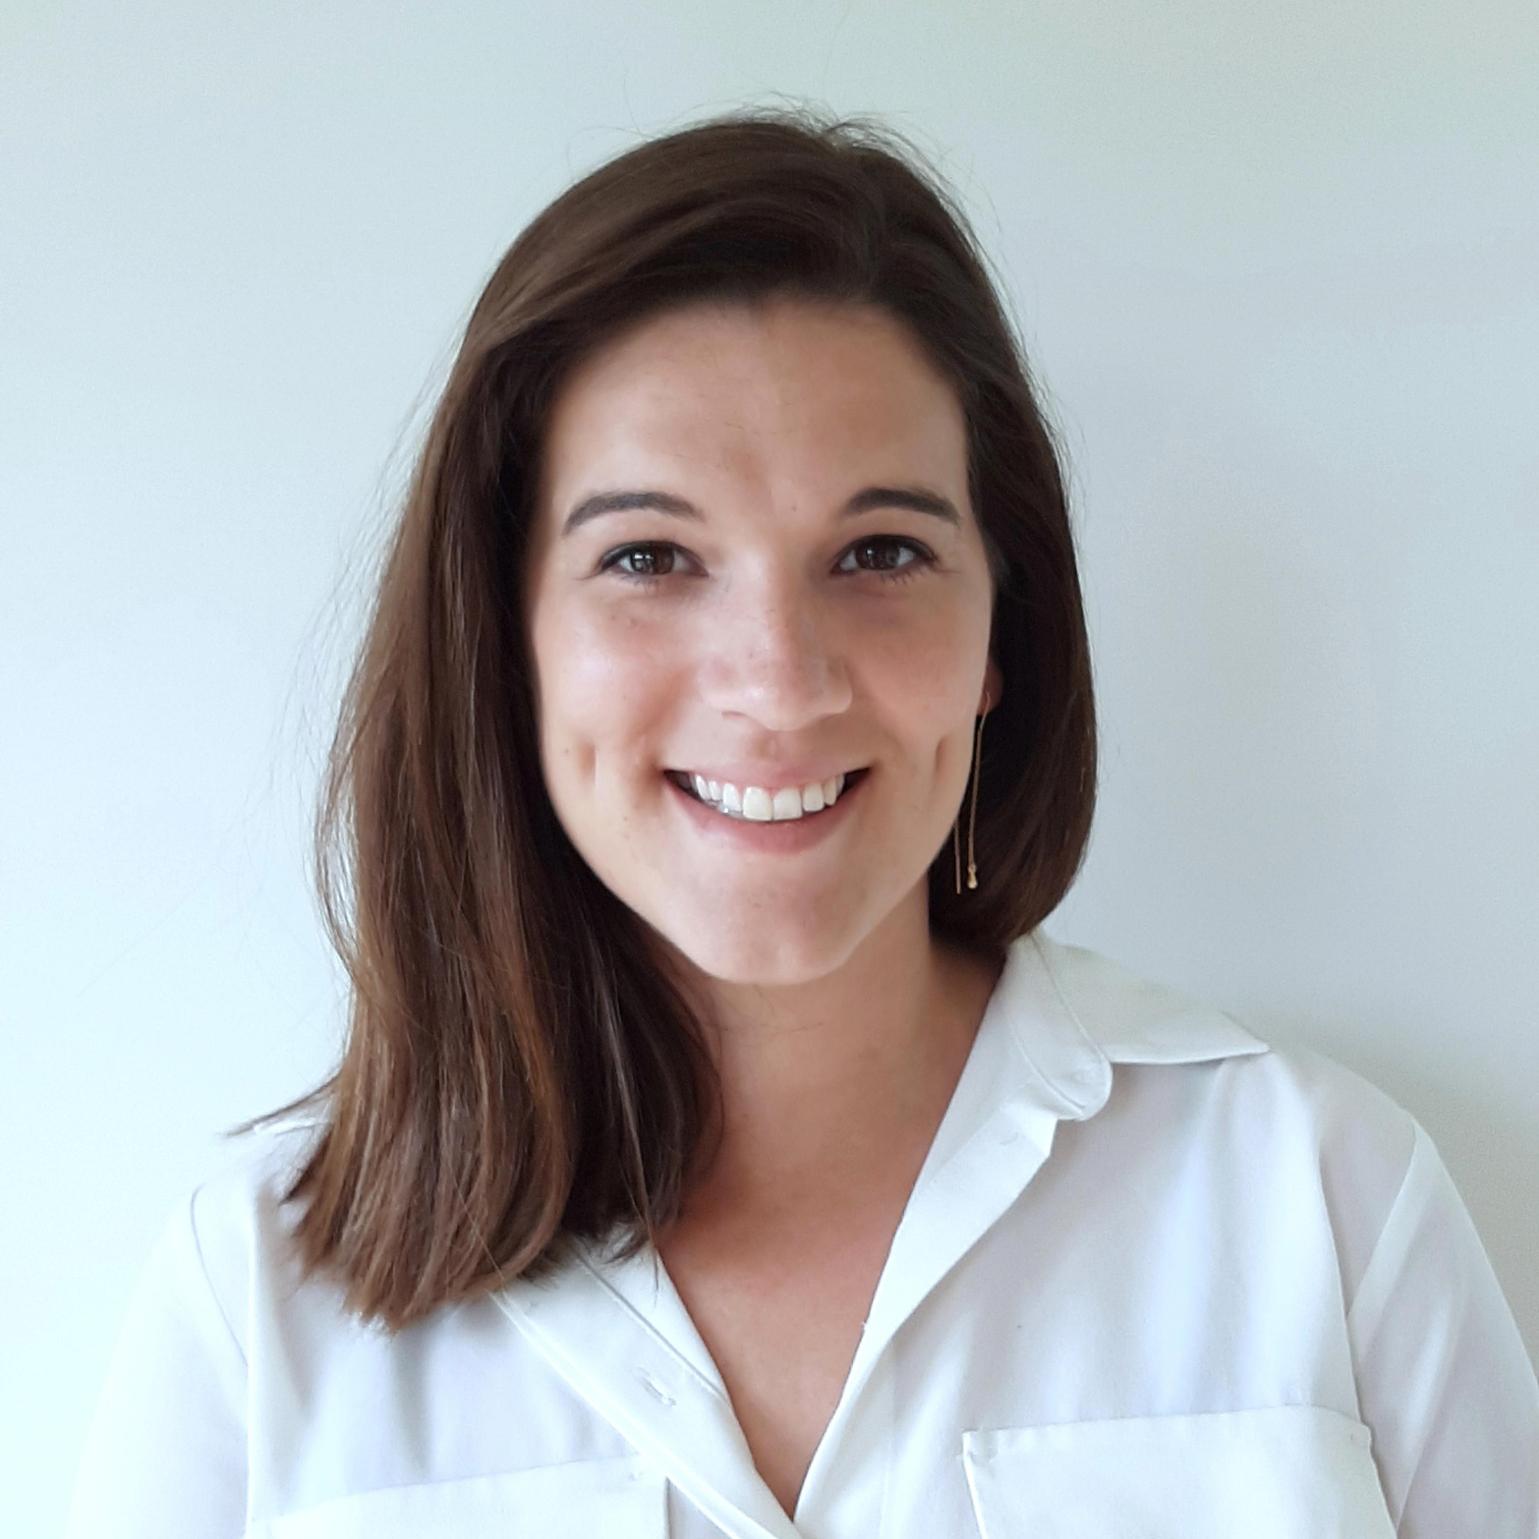 Sara Van Puyvelde